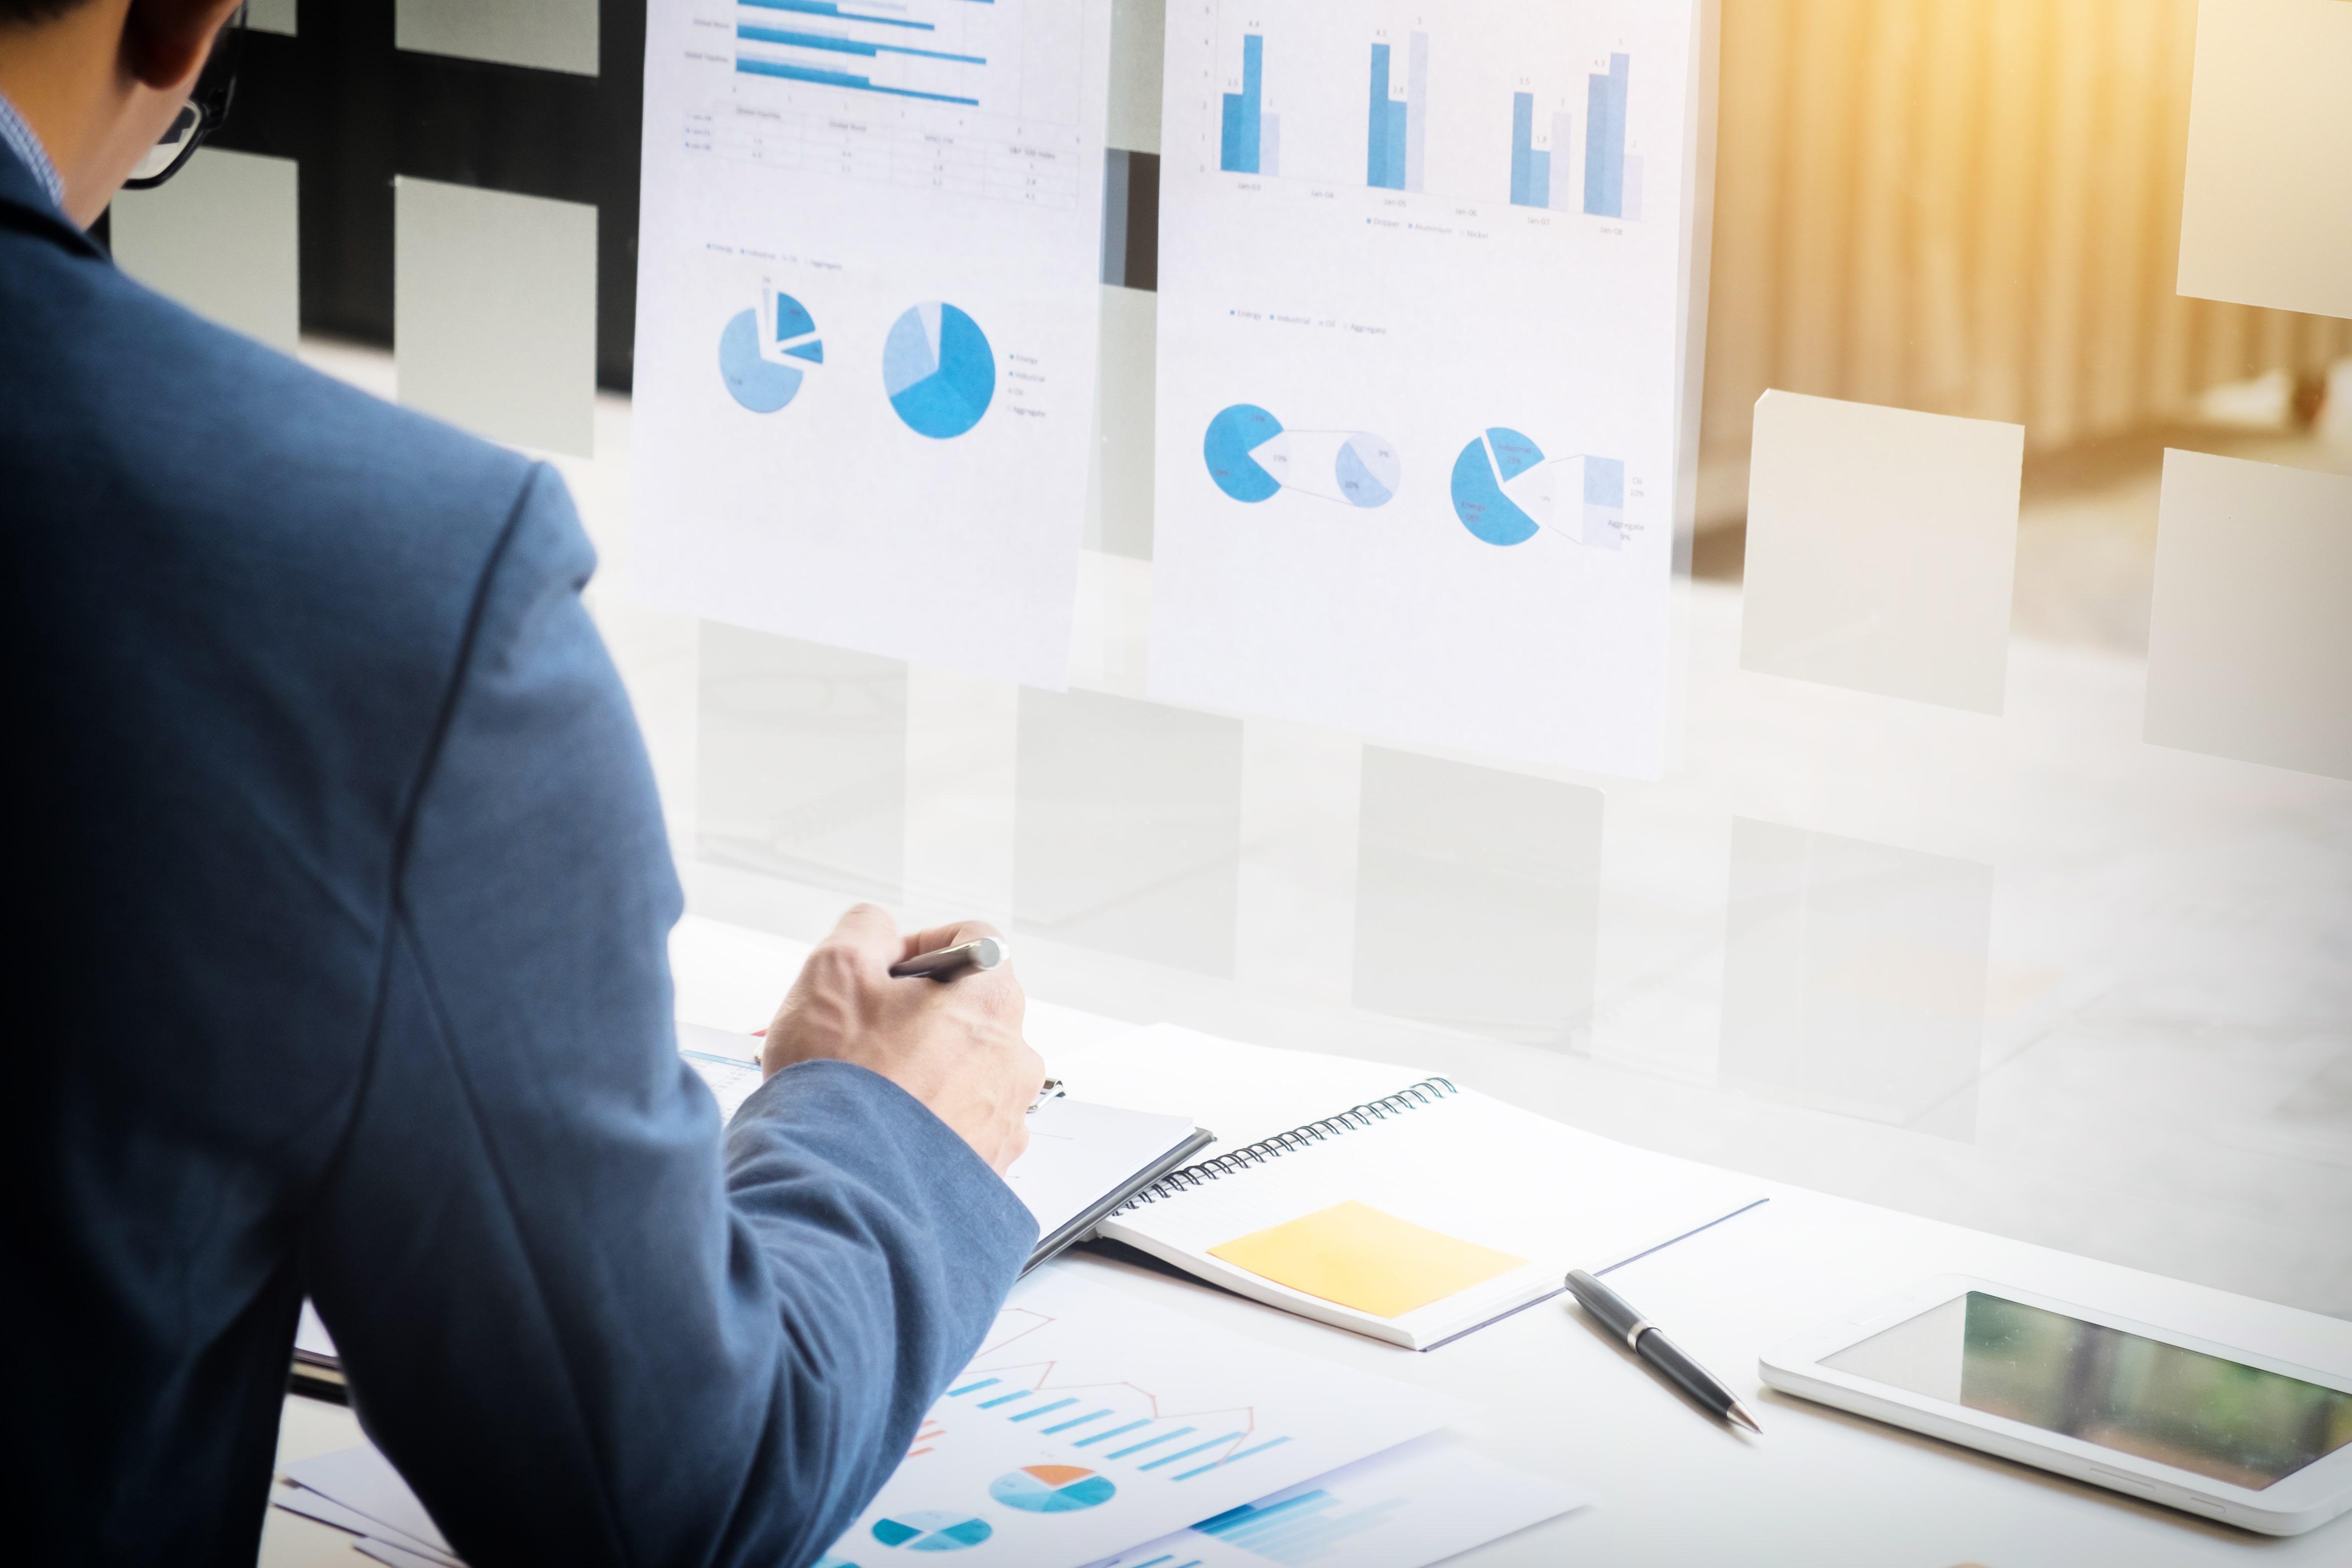 O mais novo termo do mercado se refere à combinação da análise gerencial, mineração de dados, visualização de dados e muito mais